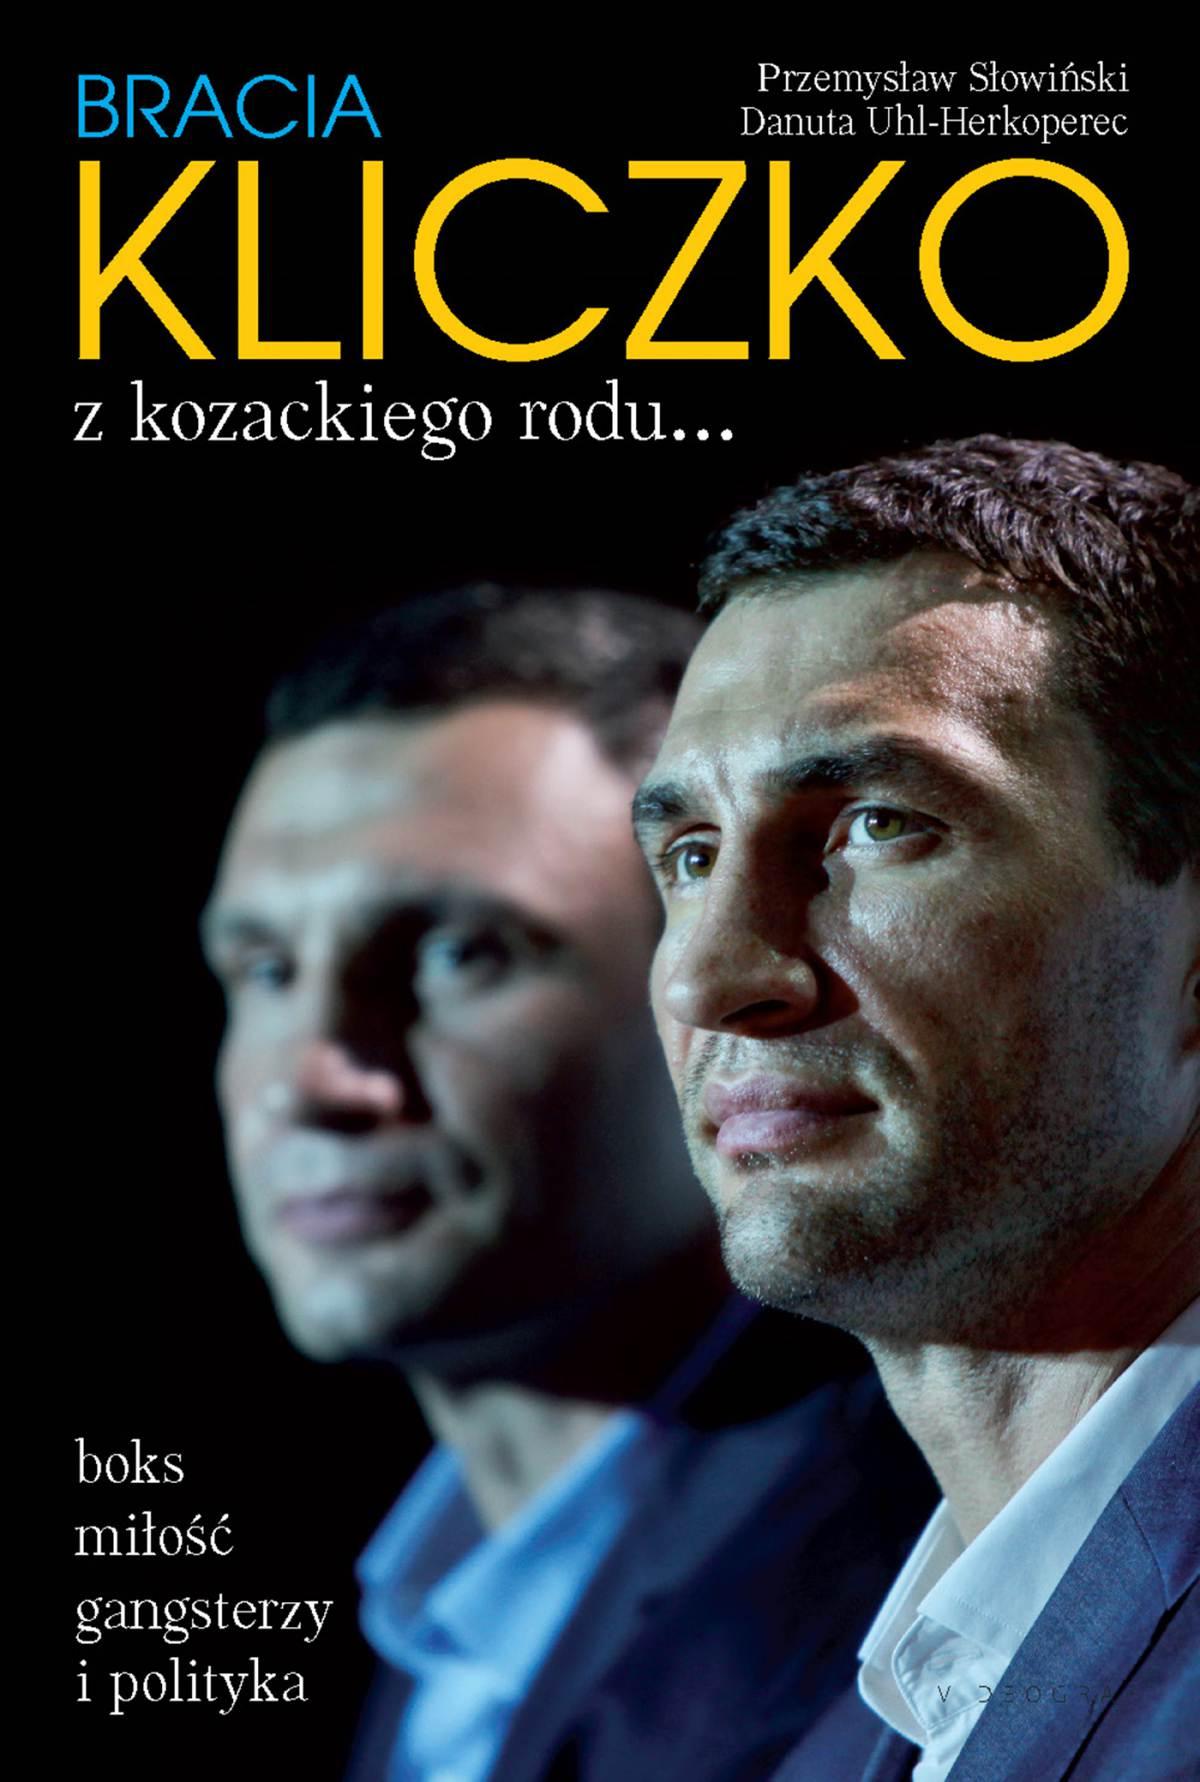 Bracia Kliczko z kozackiego rodu... Boks, miłość, gangsterzy i polityka - Ebook (Książka EPUB) do pobrania w formacie EPUB